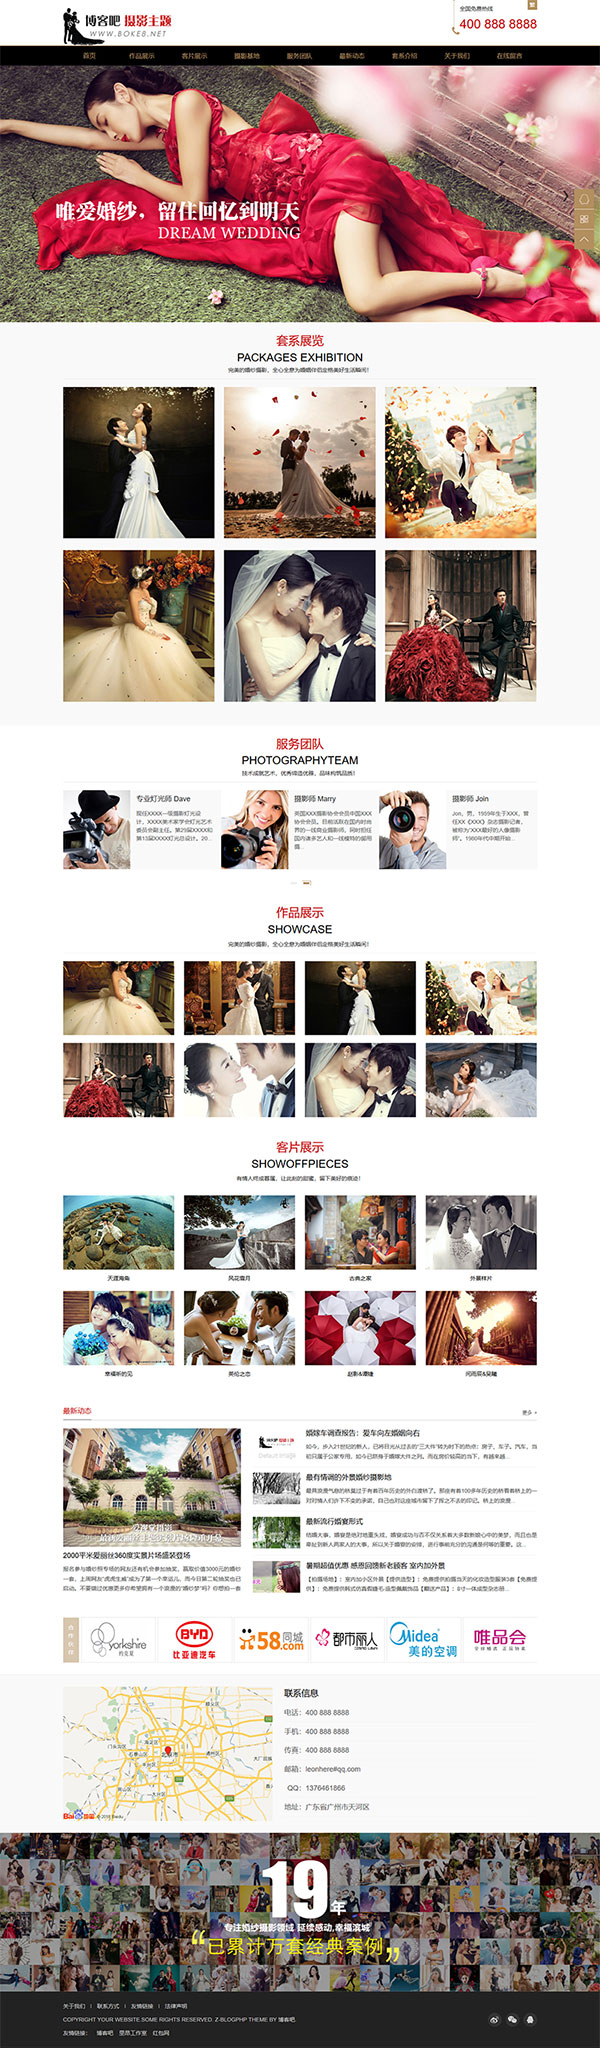 响应式高级zblog php摄影网站主题zbwedding